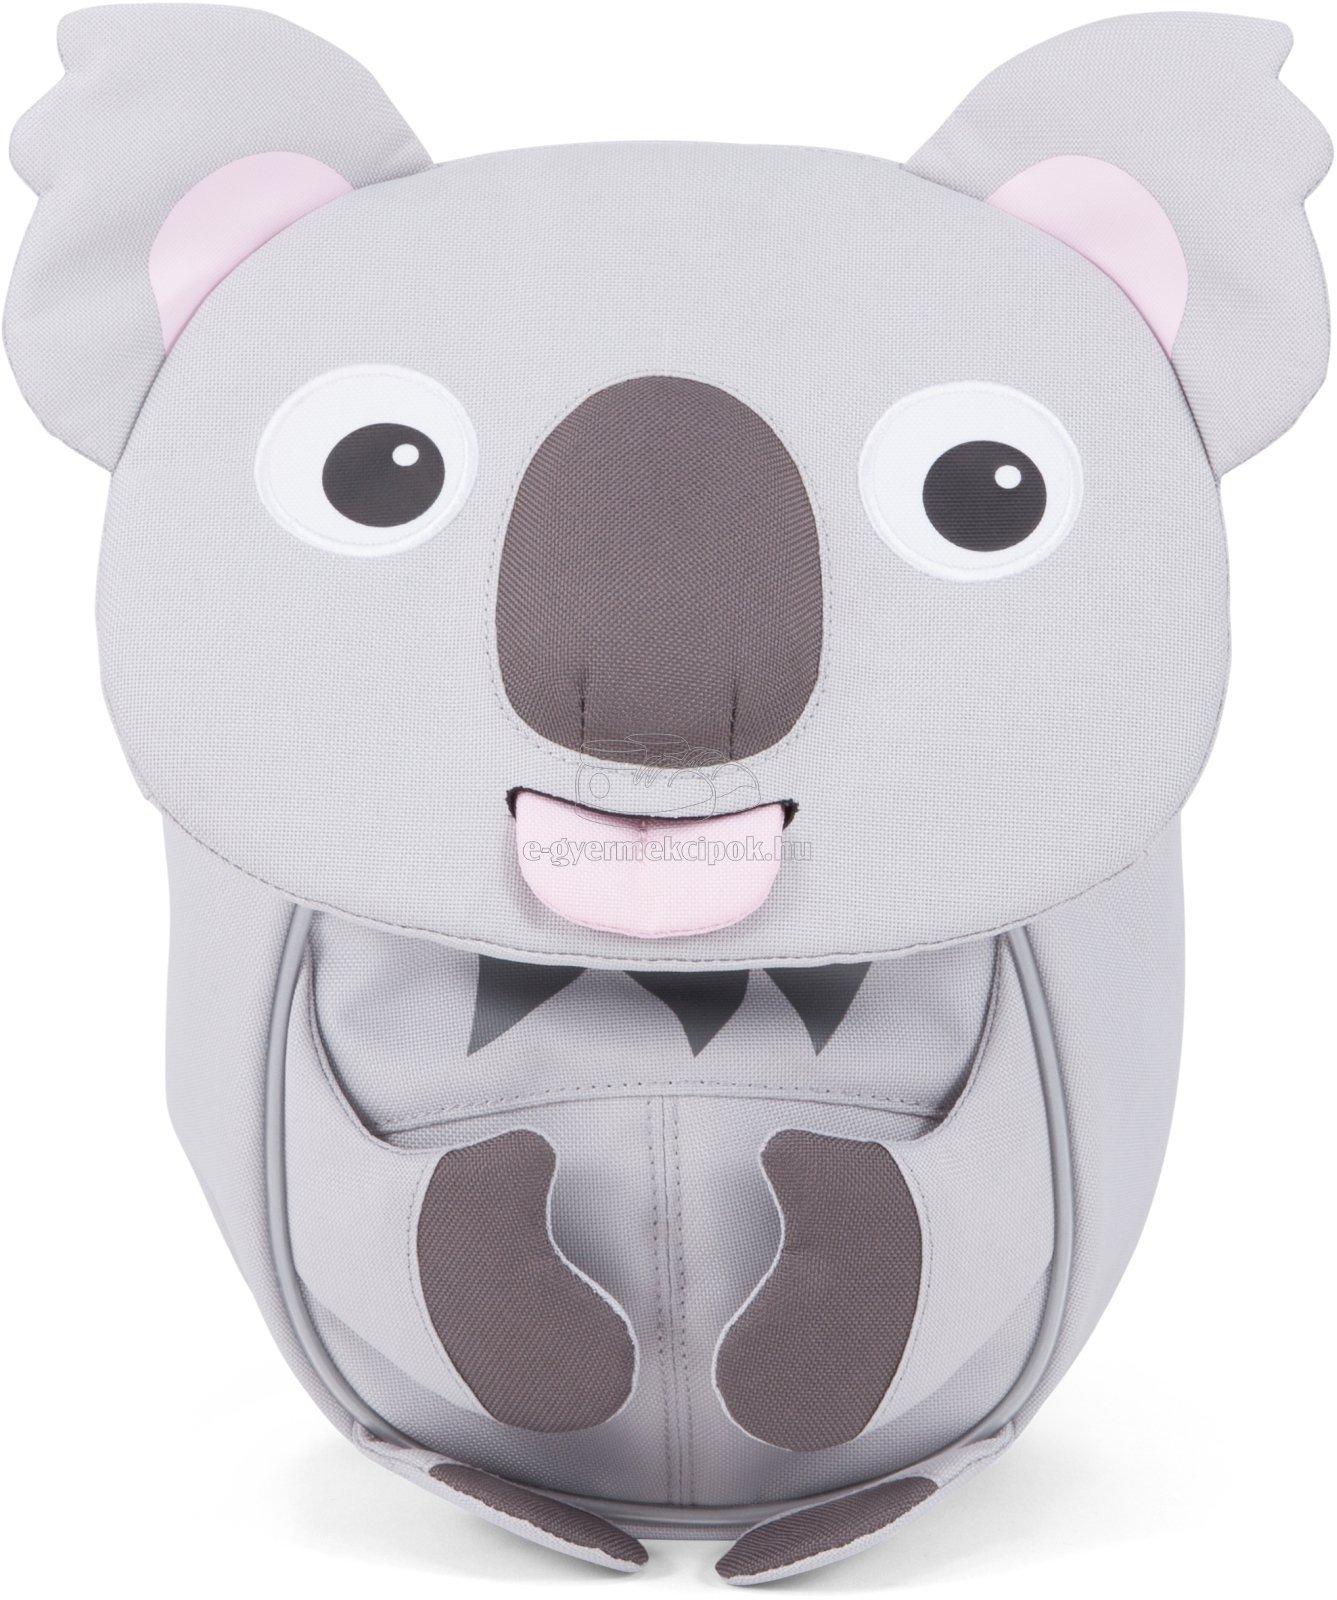 Hátizsák a legkisebbeknek Affenzahn Karla Koala small - grey